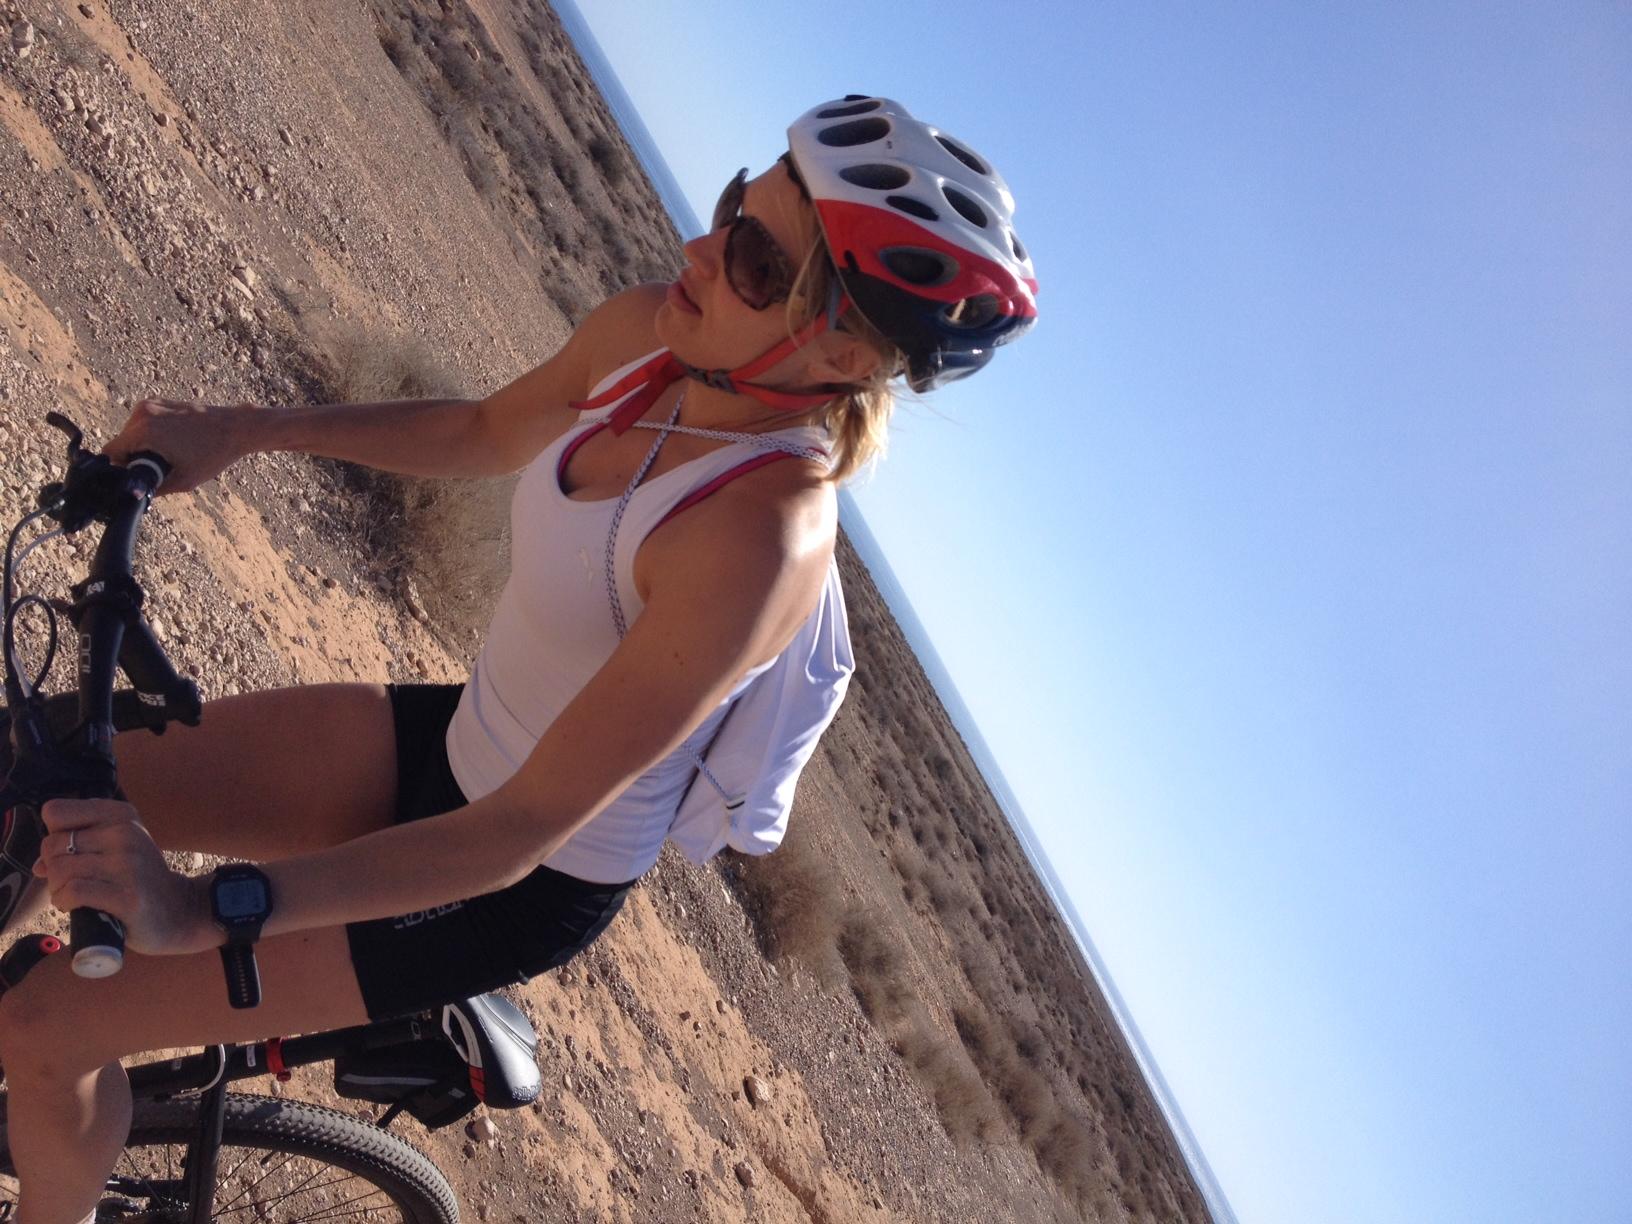 Maastopykäilyä/Mountain biking